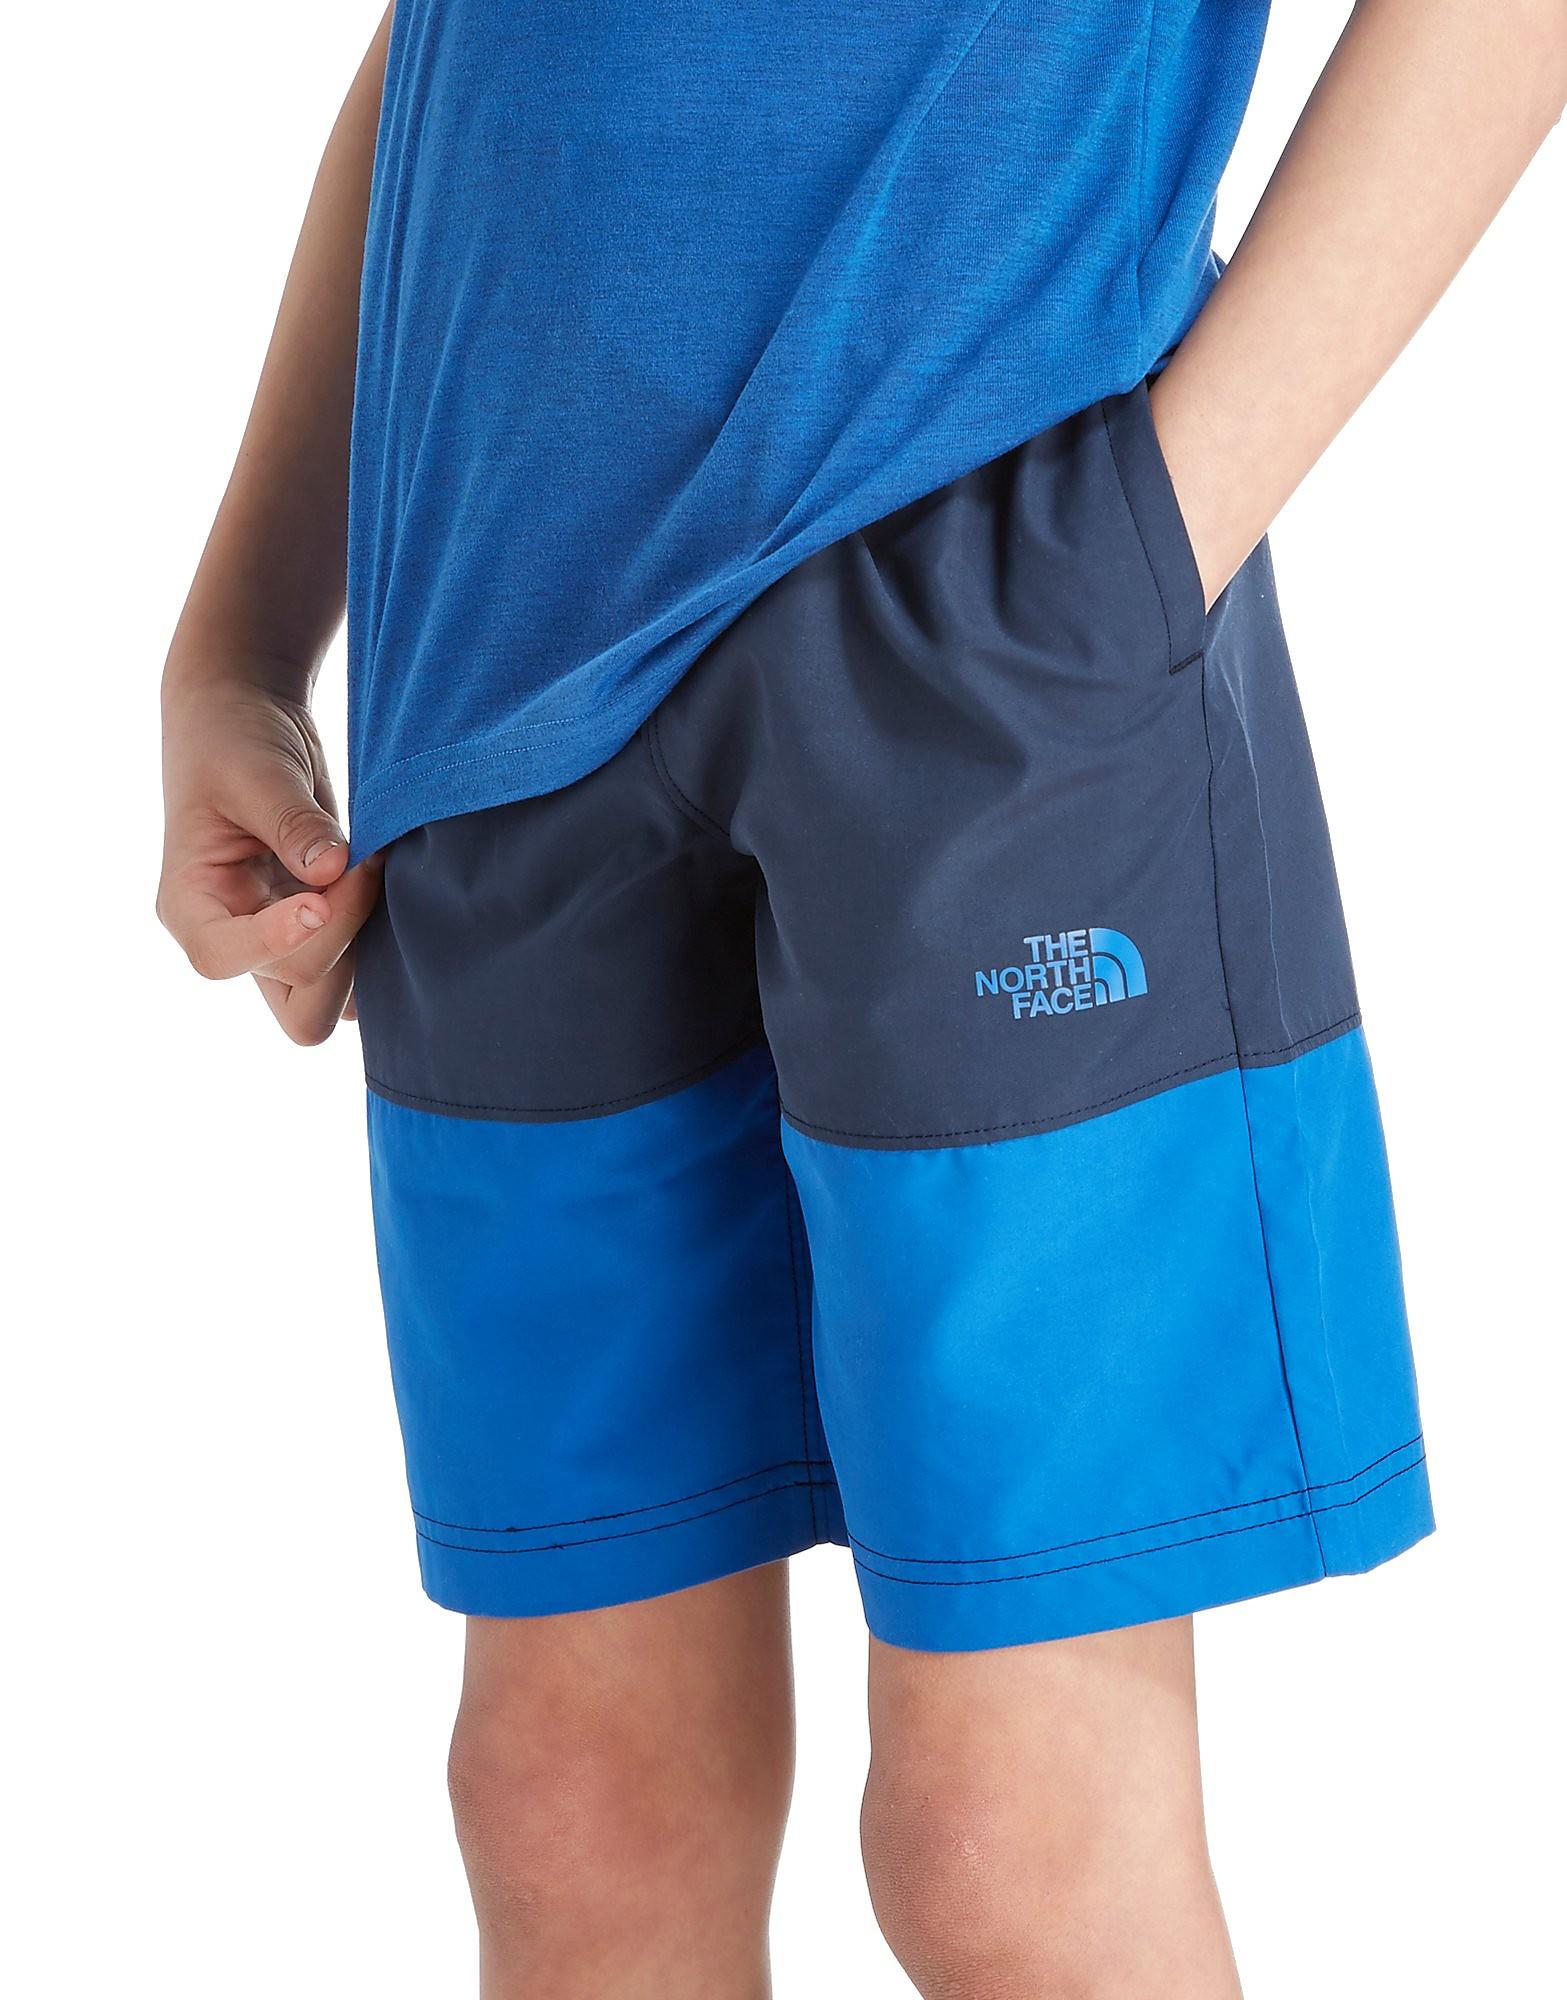 The North Face Colour Block Swim Shorts Junior